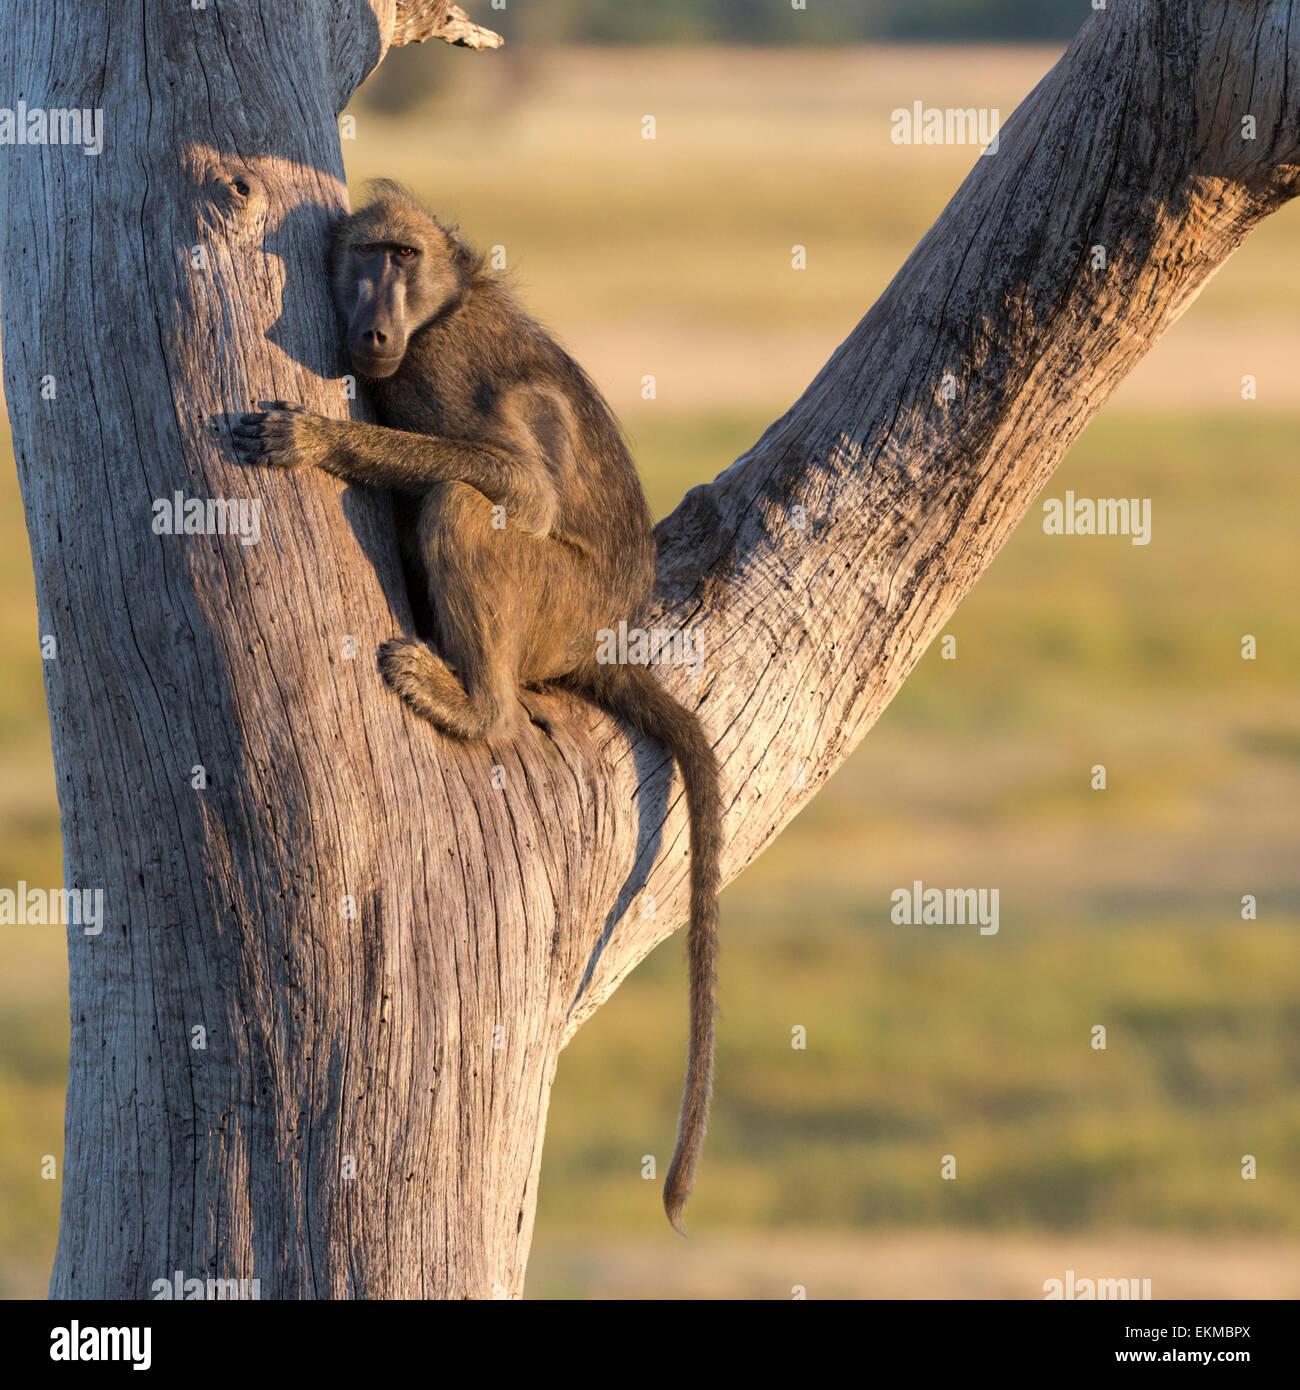 Baboon in tree, early morning, Chobe National Park Botswana - Stock Image